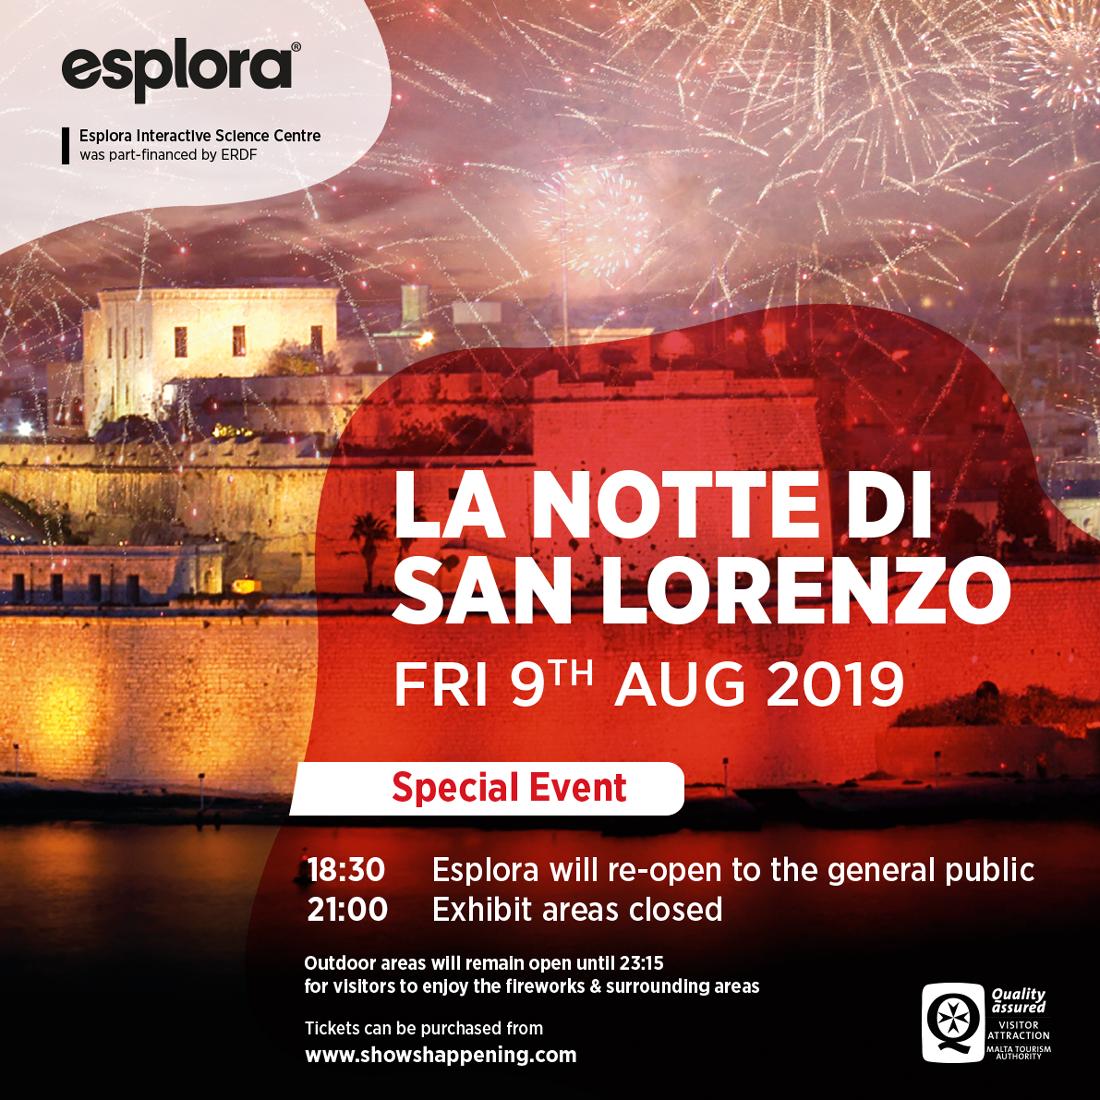 Notte di San Lorenzo flyer